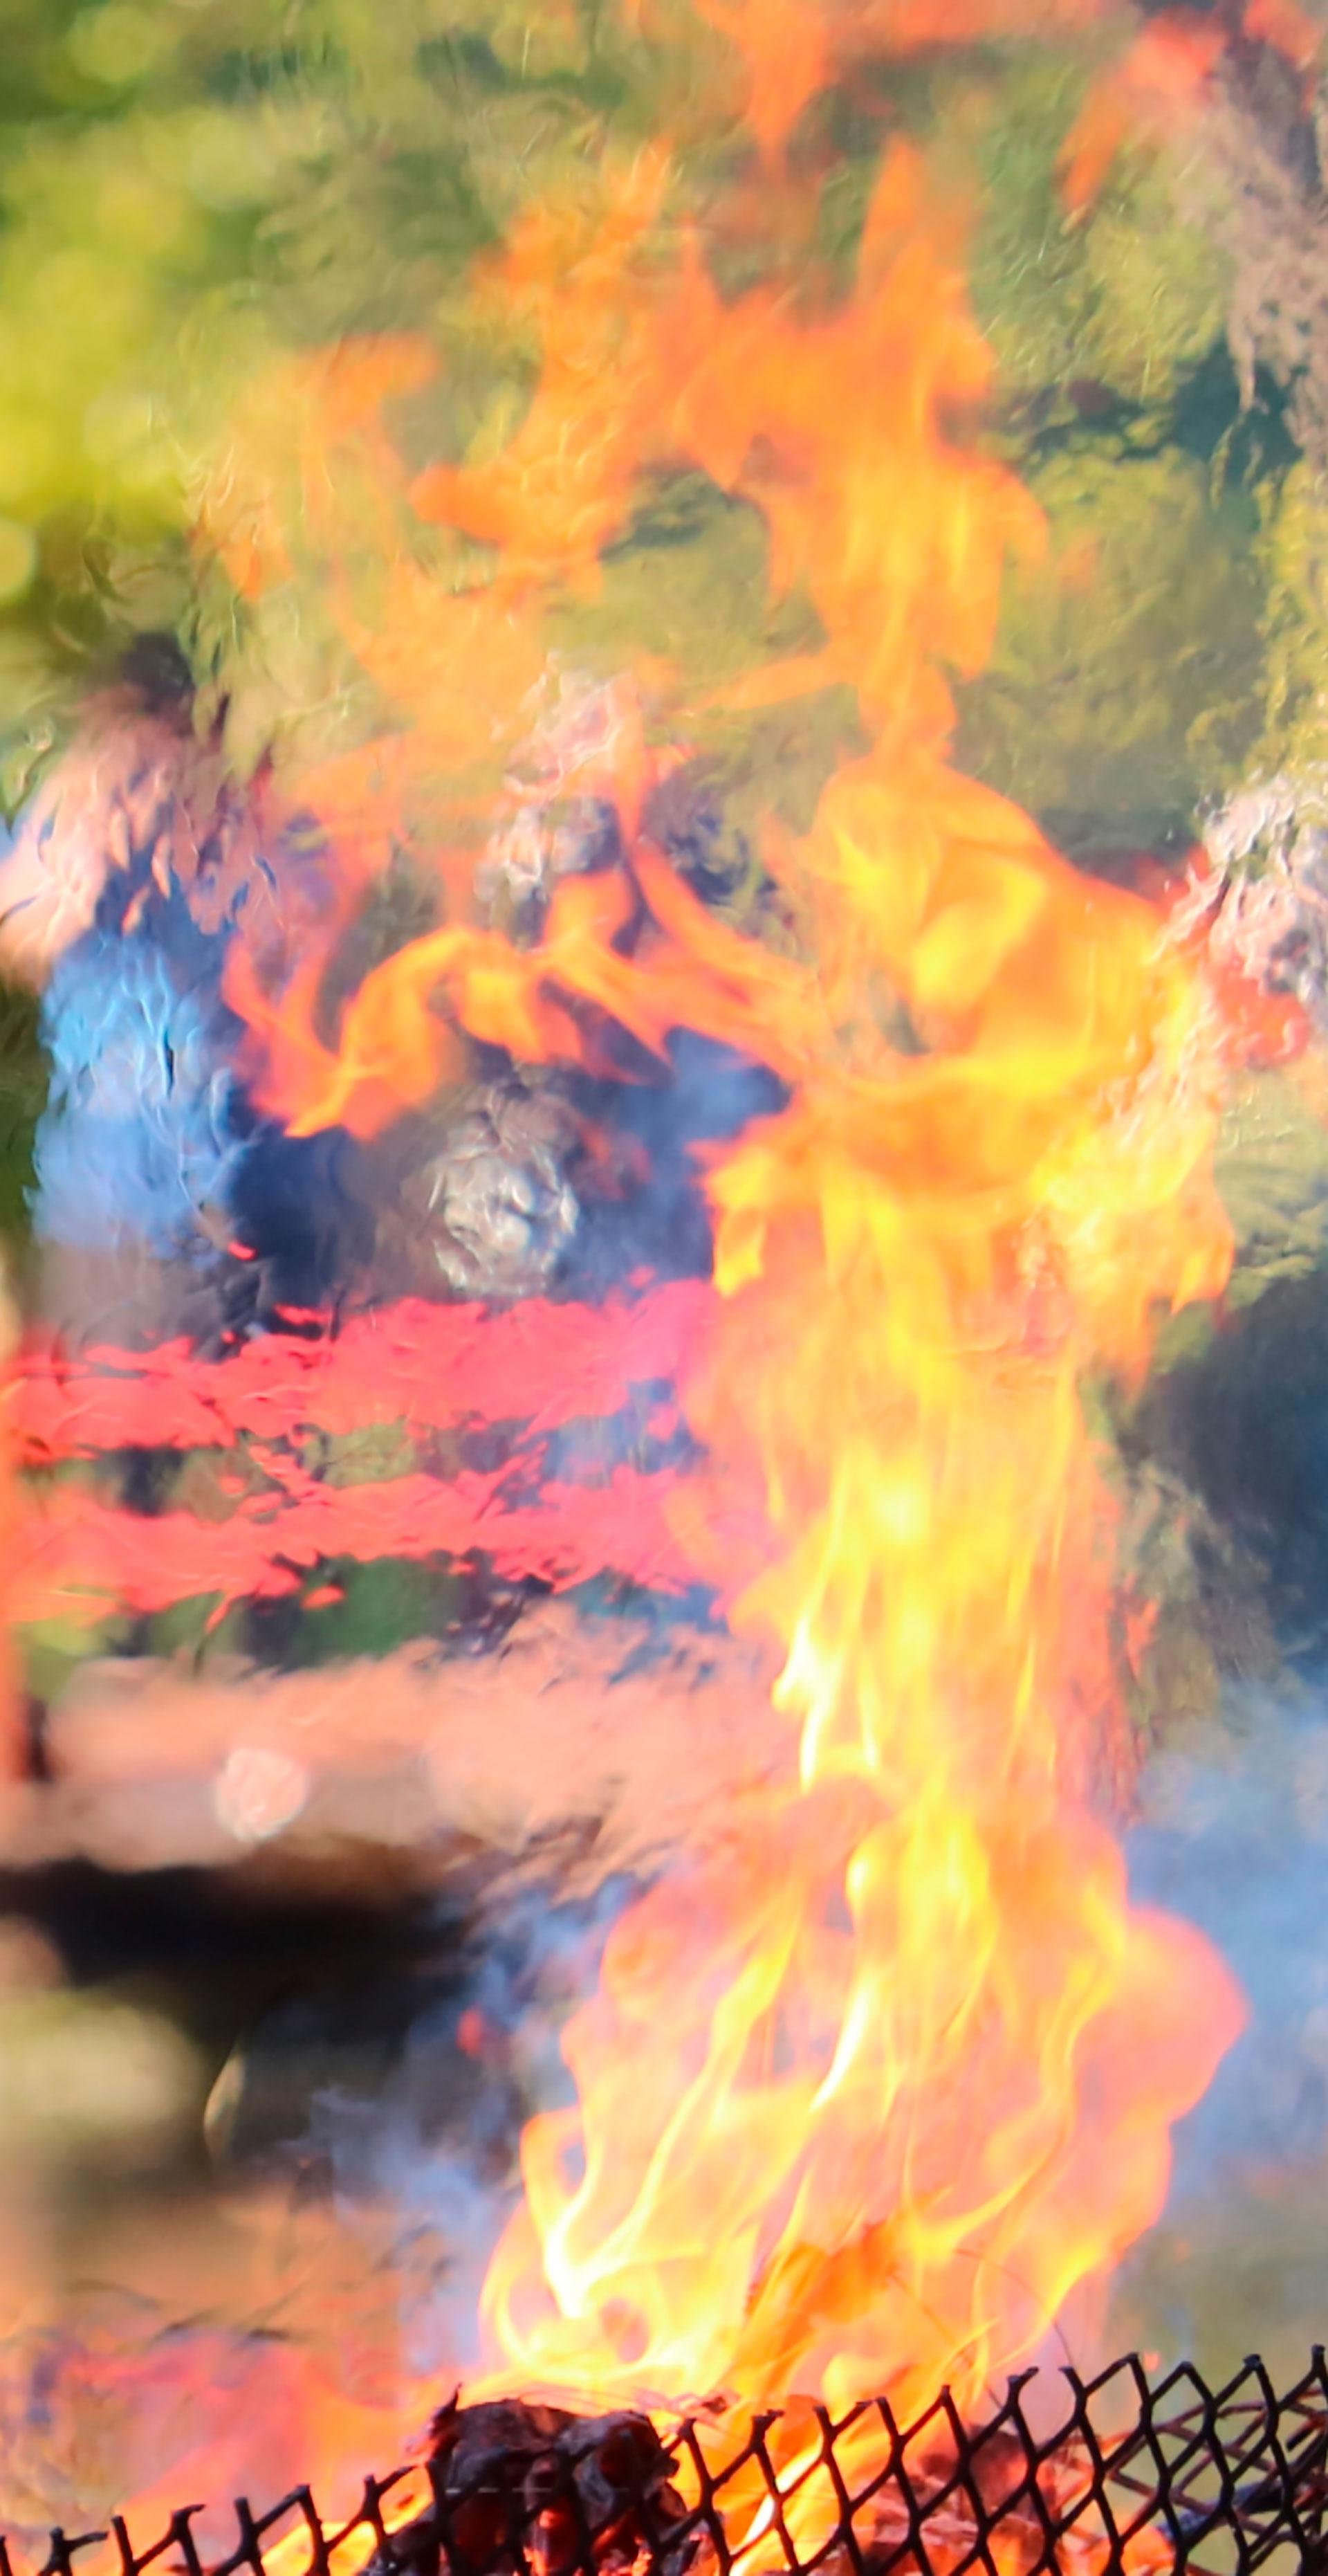 Por último, el maestro de ceremonia enciende con una antorcha el Daruma para que el fuego transmute lo negativo en positivo y el humo lleve la plegaria al cielo. (Gentileza Jardín Japonés)